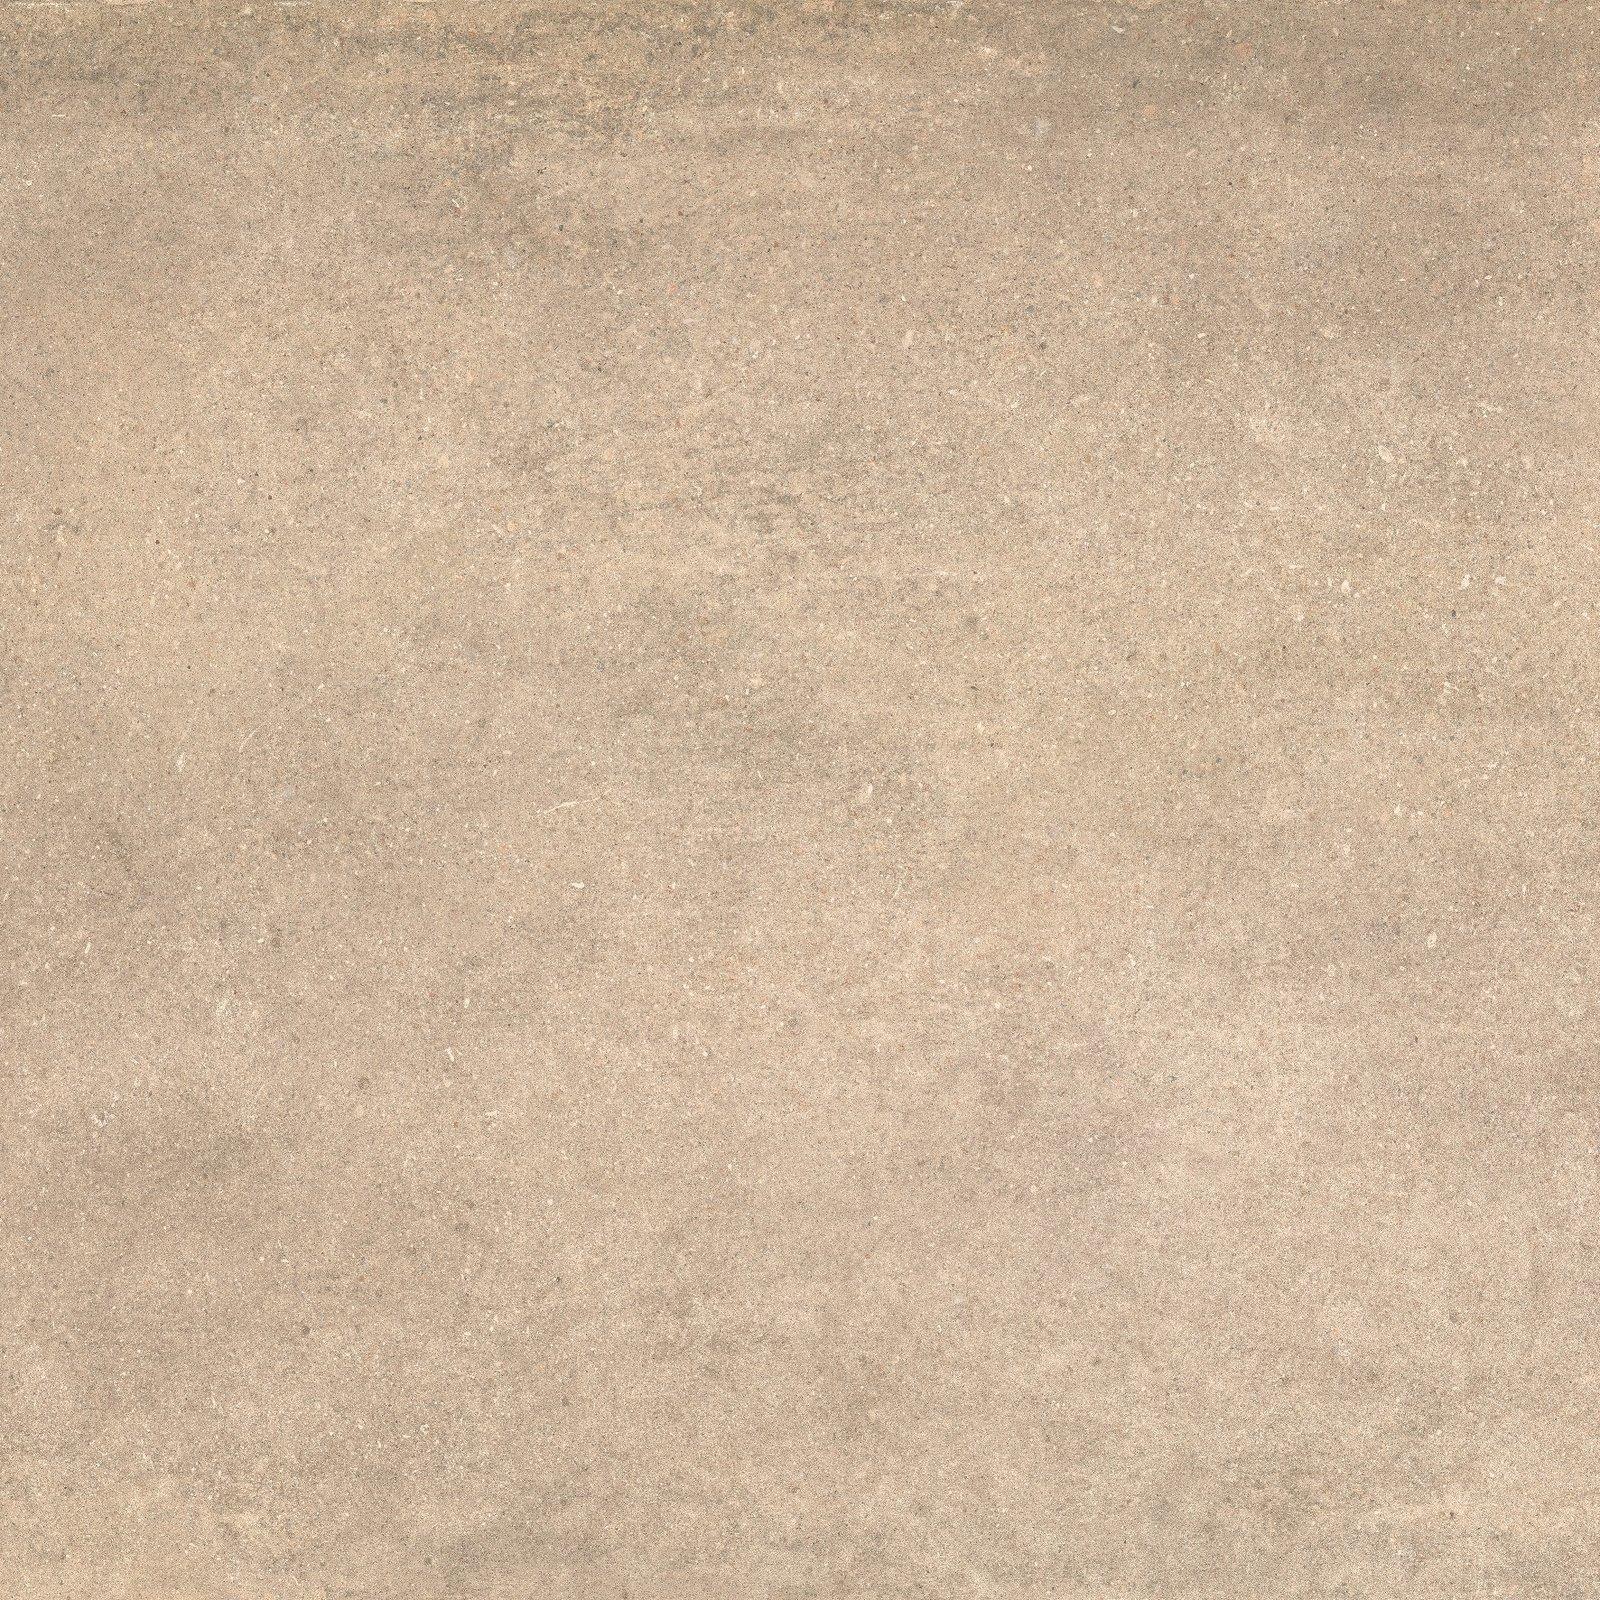 Плитка SAND (X60RM3R) изображение 3